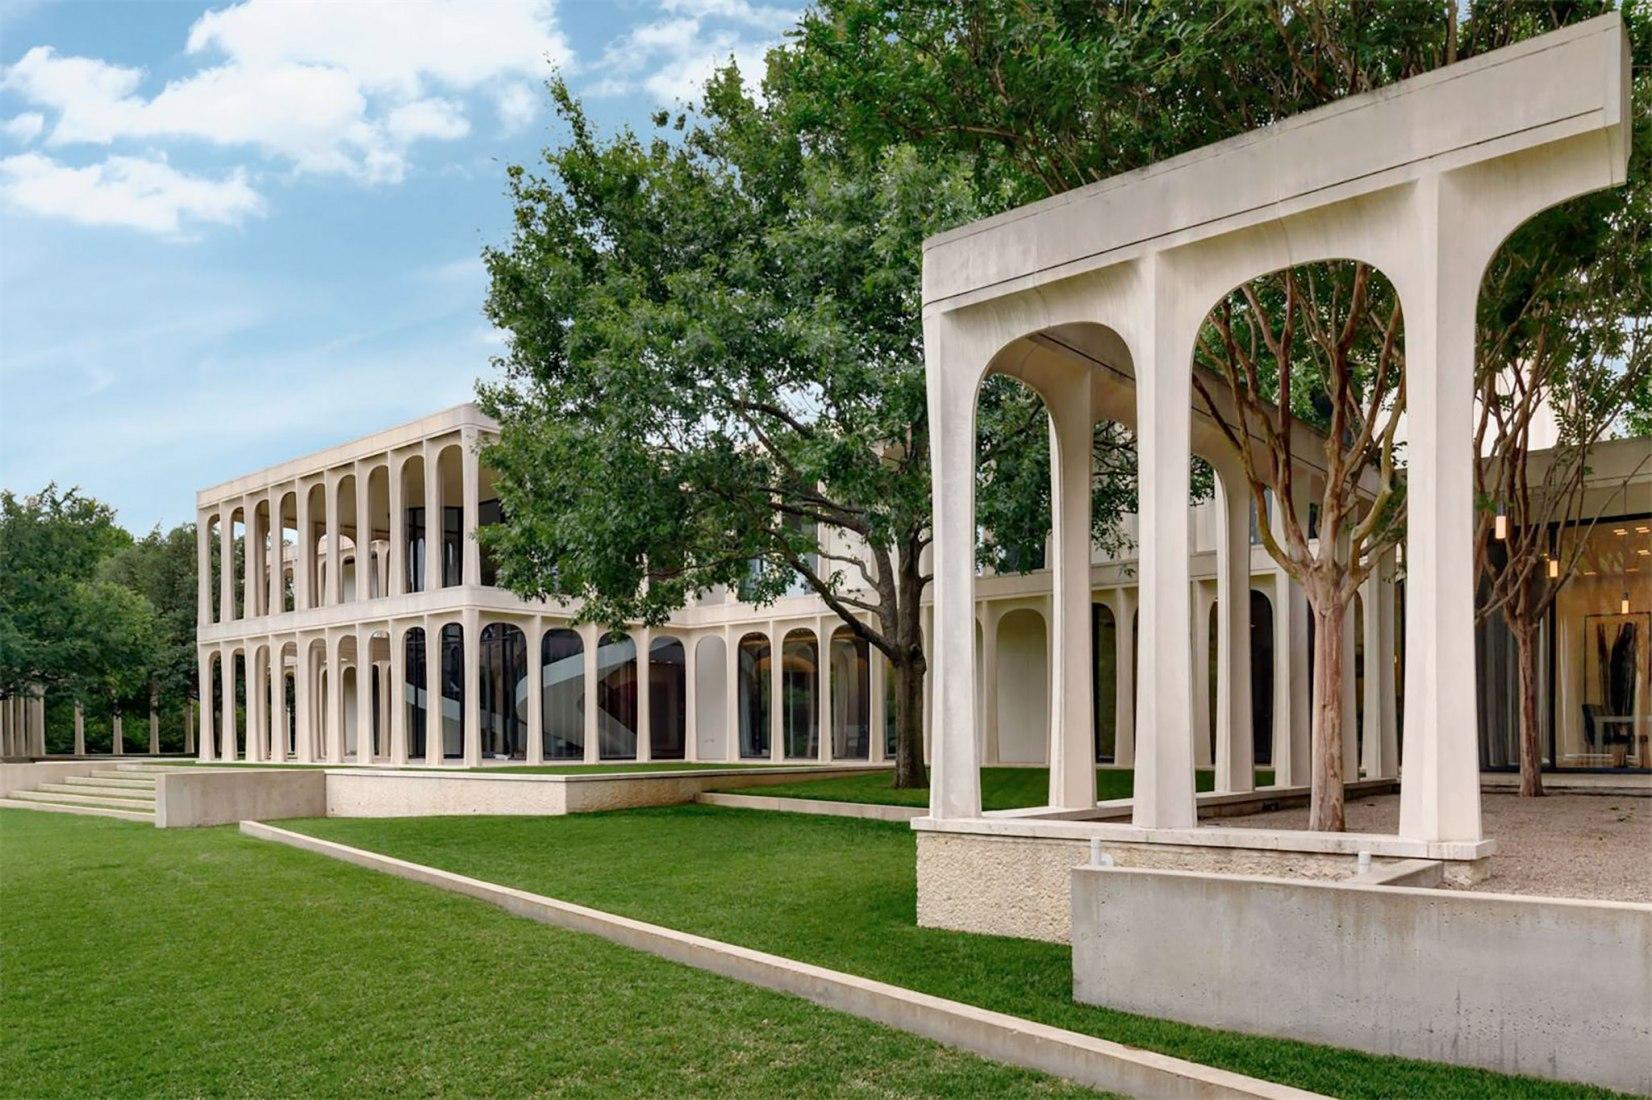 Casa Beck por Philip Johnson en Dallas. Fotografía por Charles Davis, Smith-Photographer